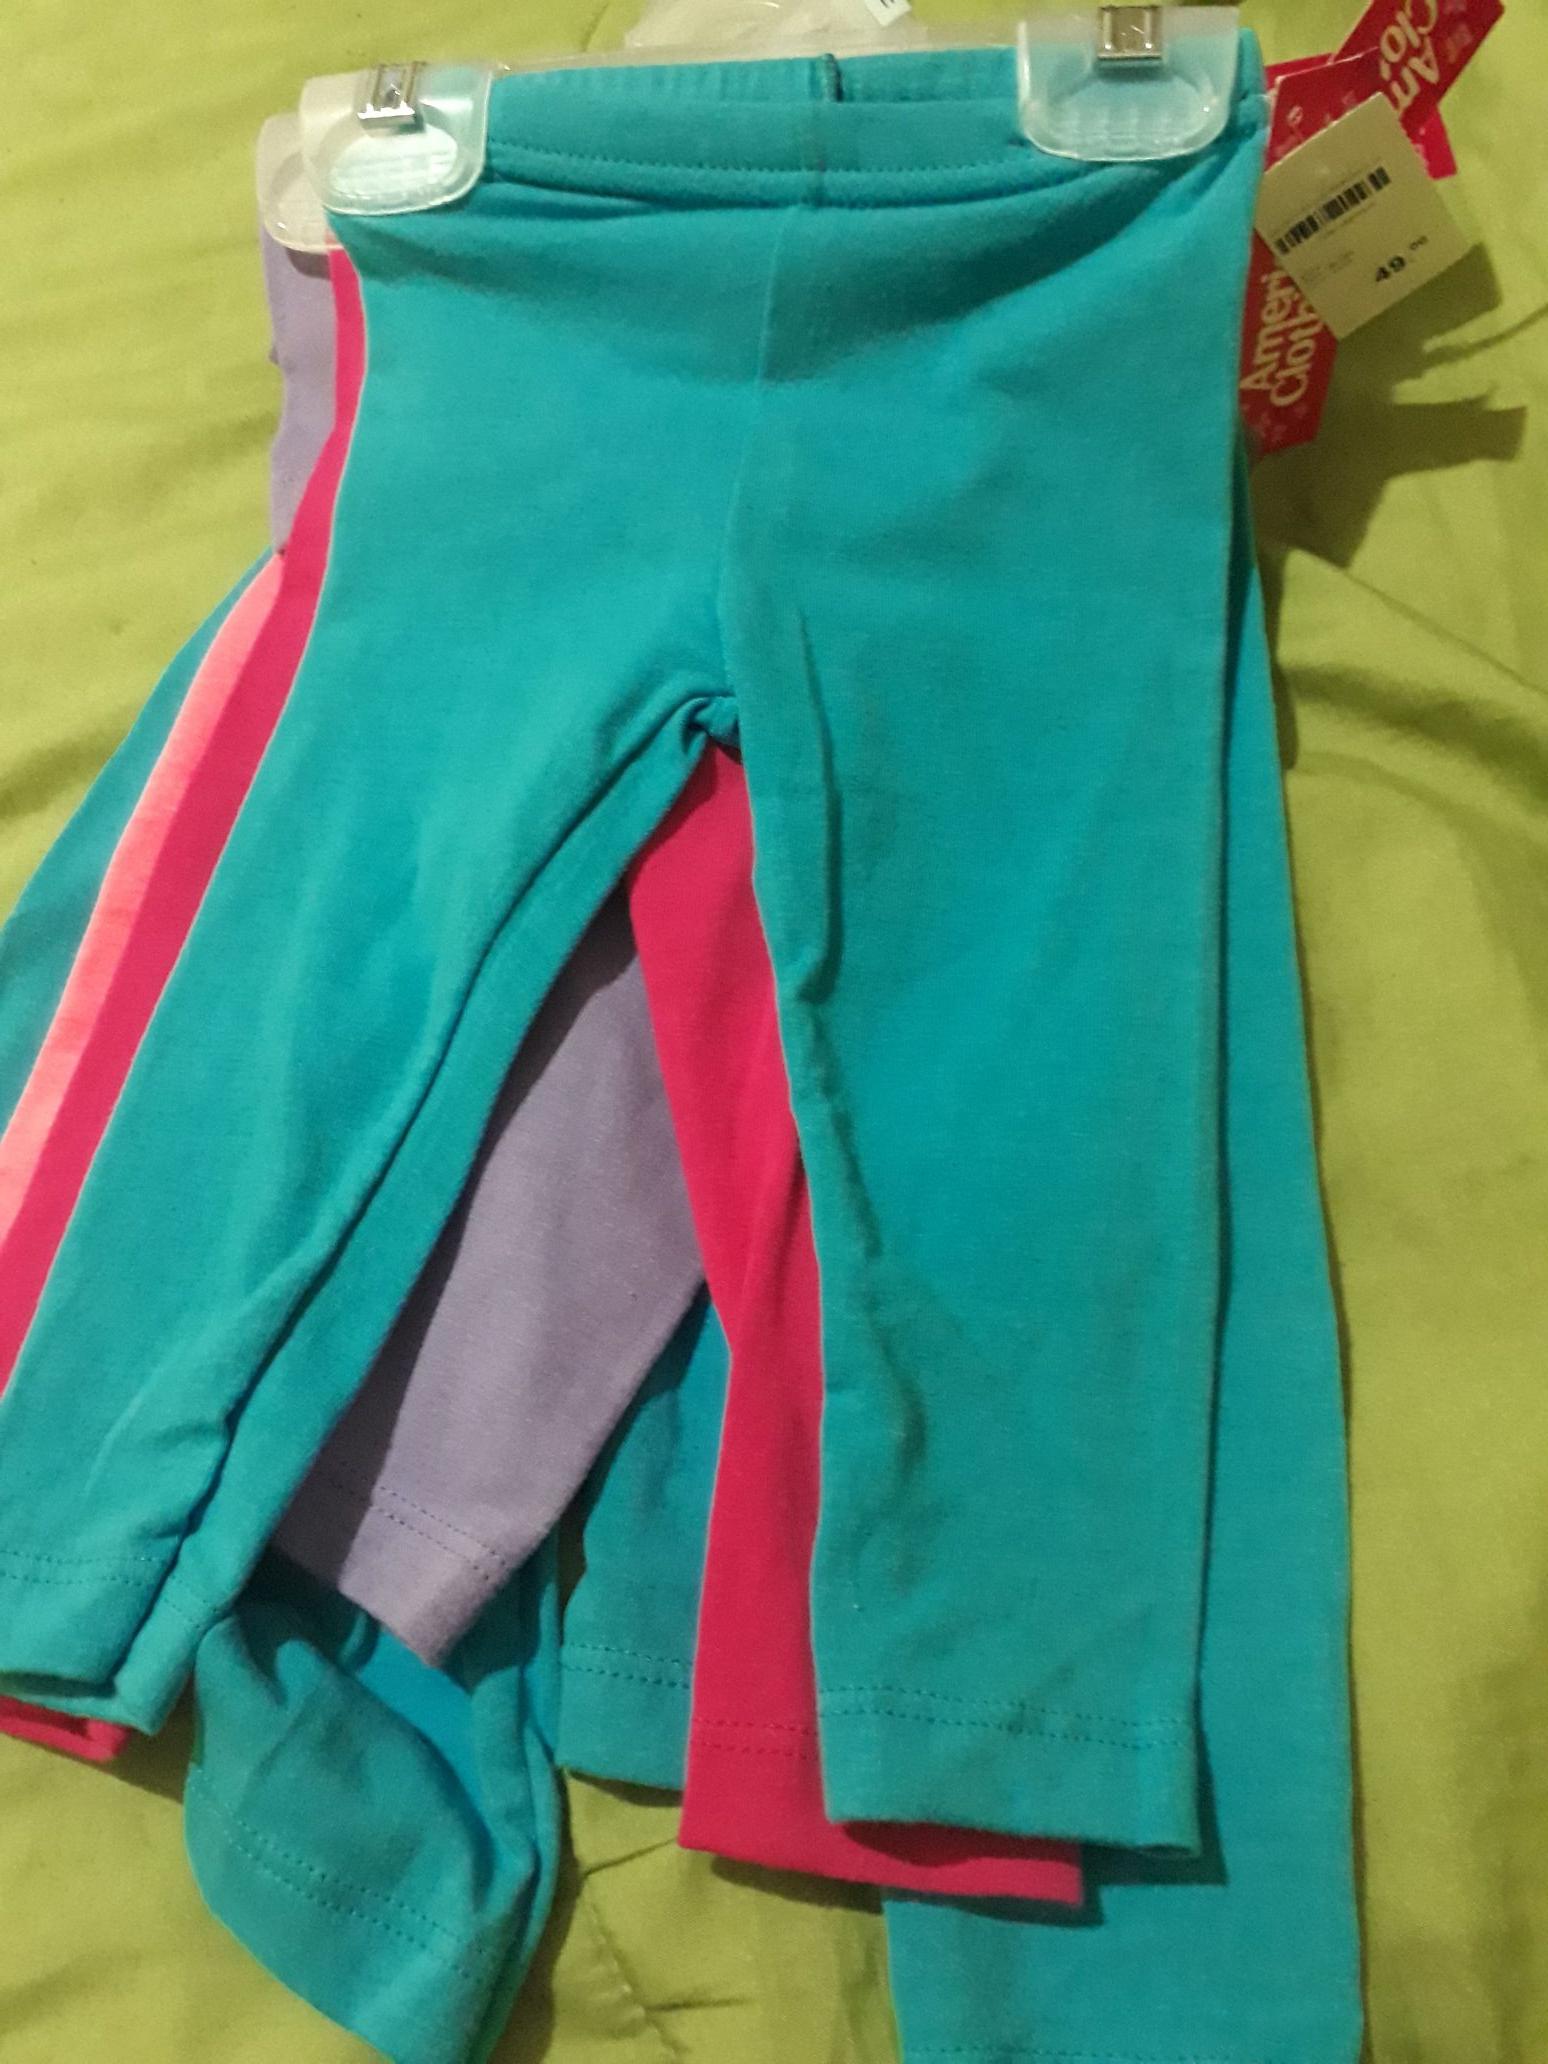 Soriana Híper: Pantalones bebe y hermosos conjuntos para bebita